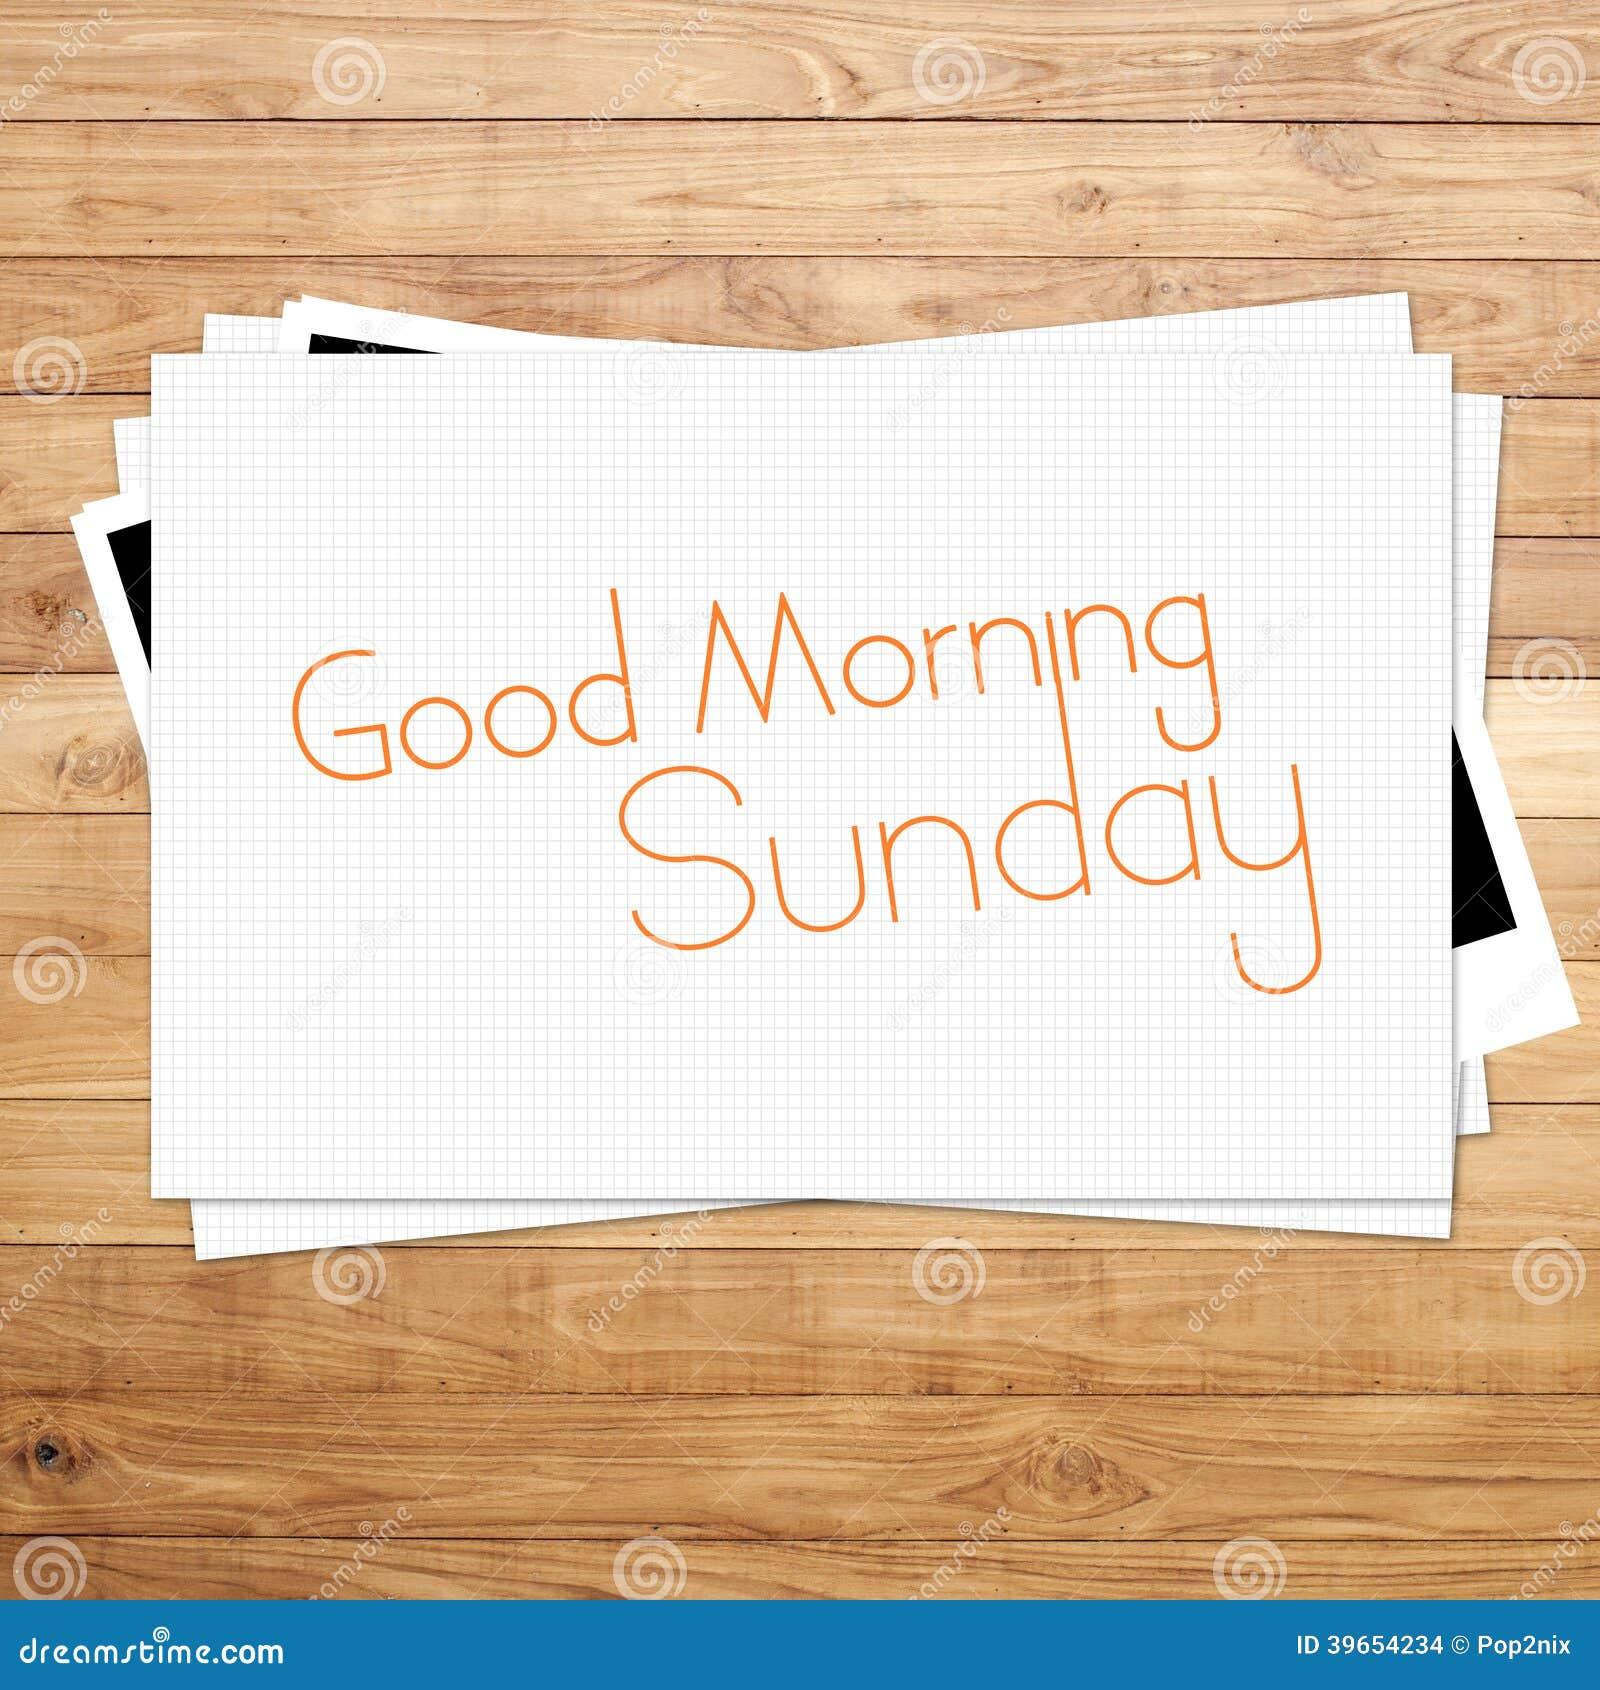 Gutenmorgen Sonntag